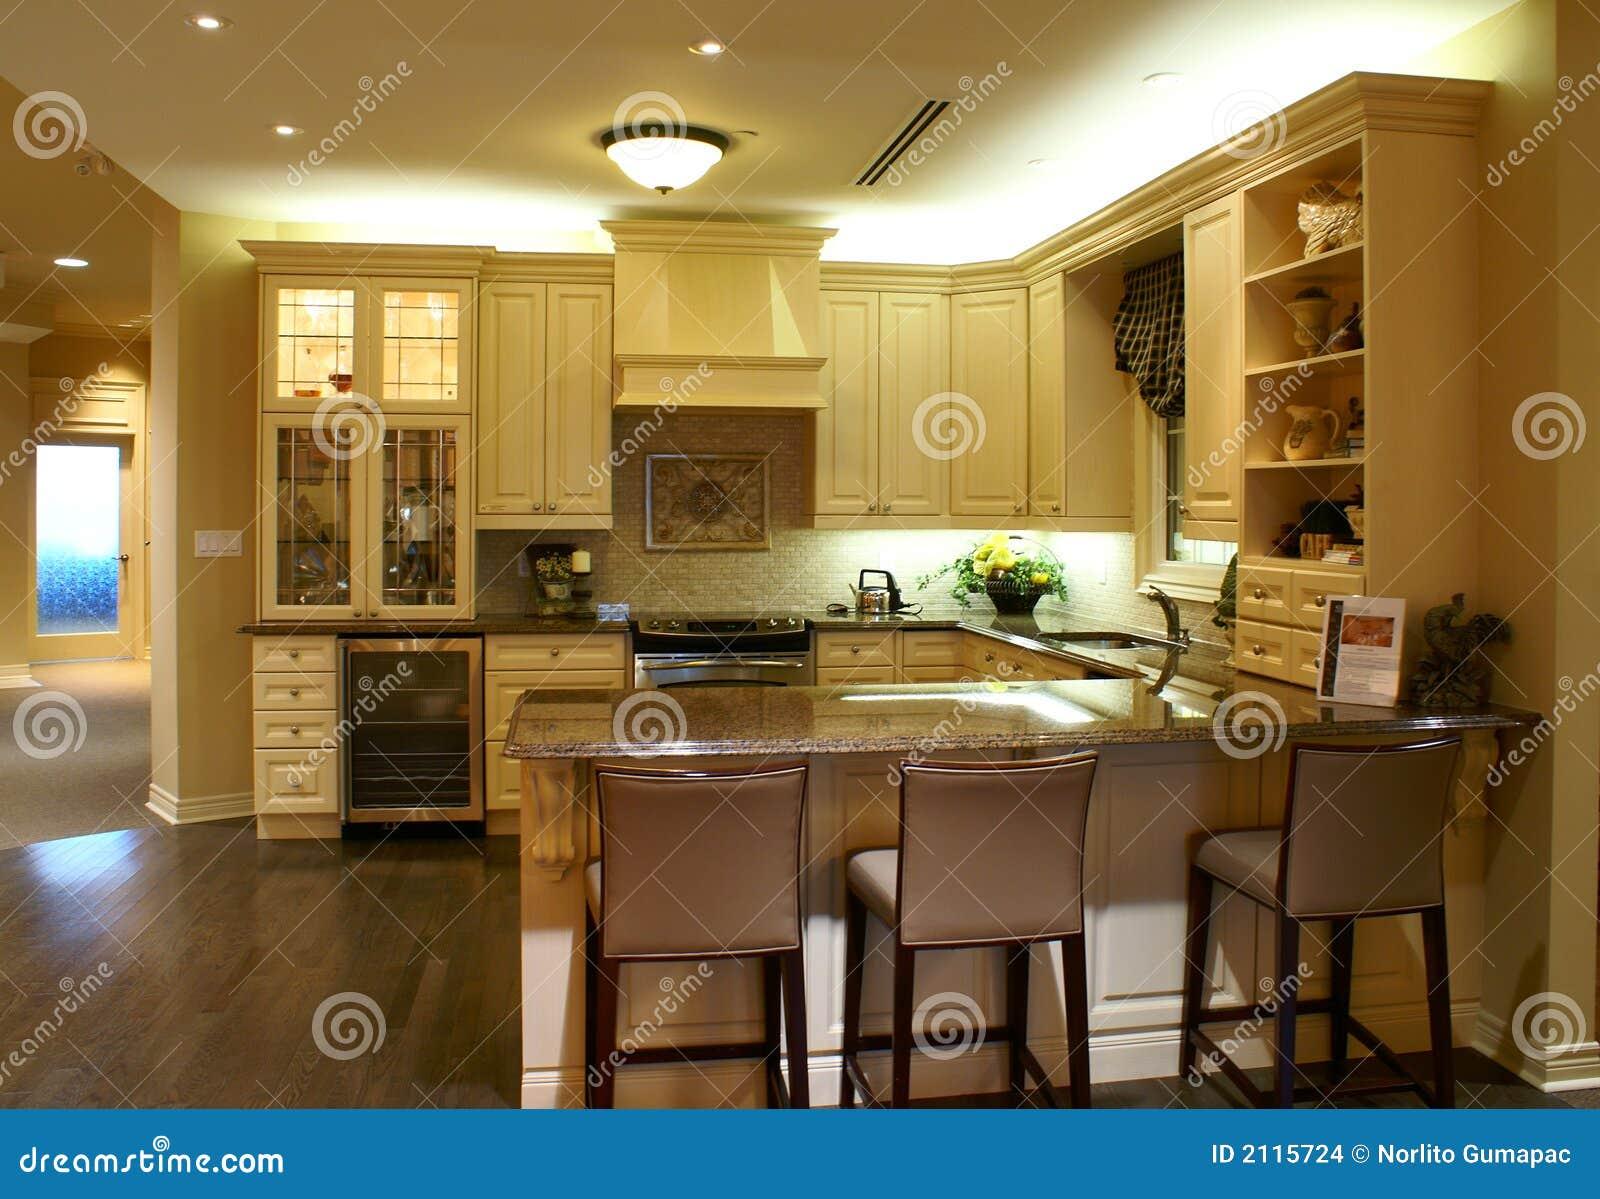 Nowoczesna Kuchnia Przestronny Obrazy Stock  Obraz 2115724 -> Kuchnia Wloska Obrazy